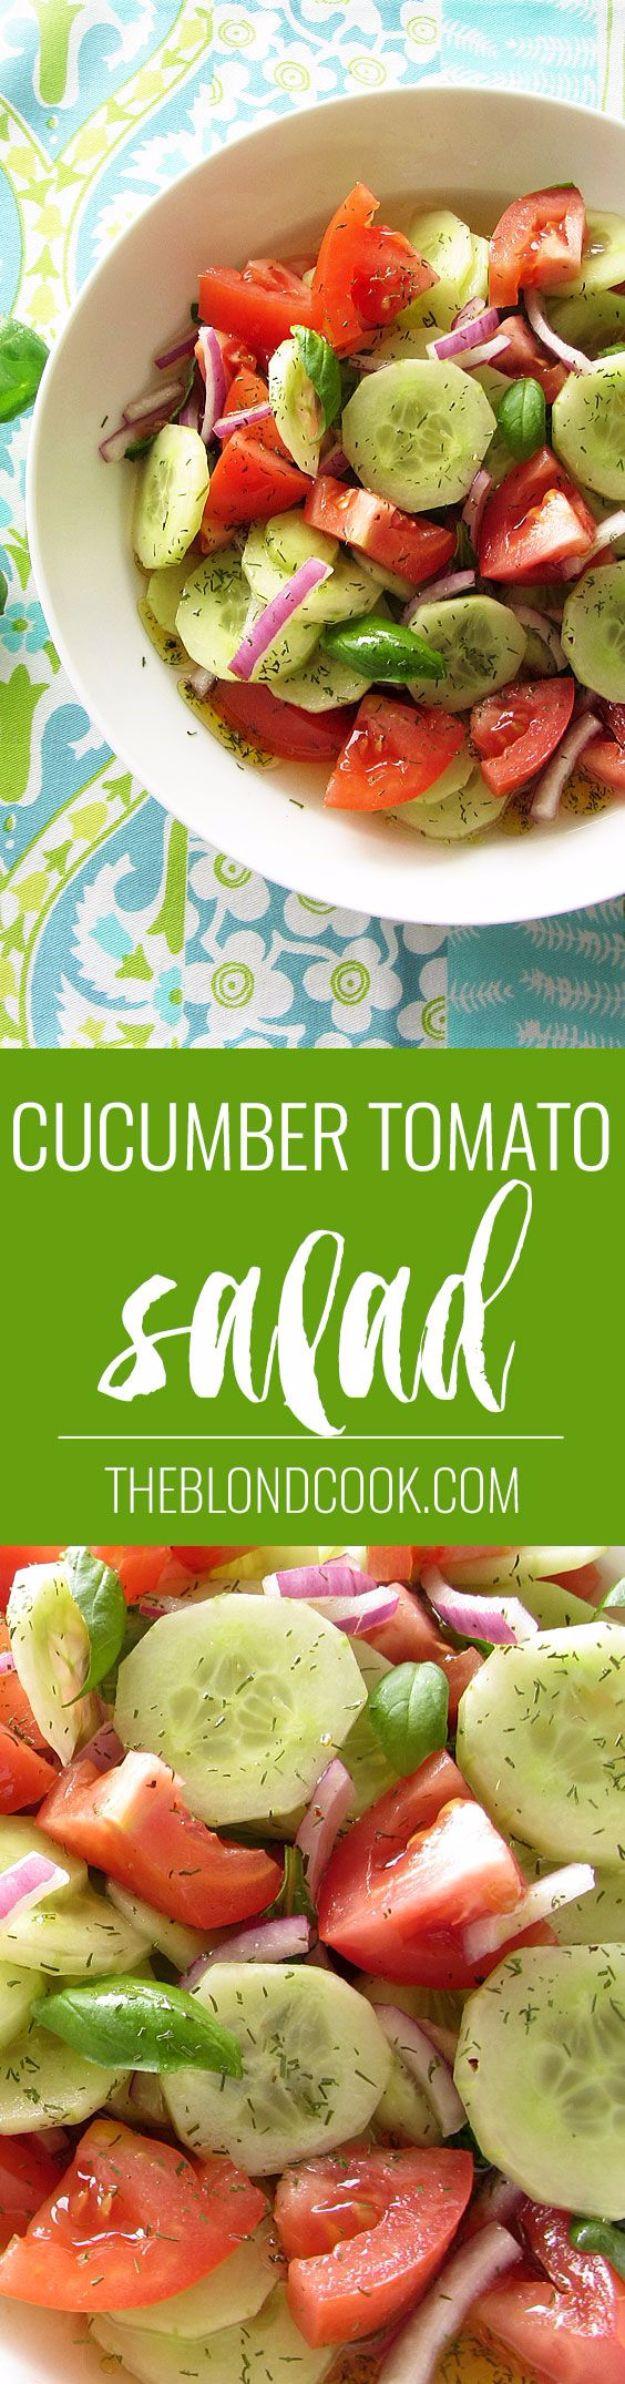 Salads For Easter Ham Dinner  33 Best Easter Dinner Recipes